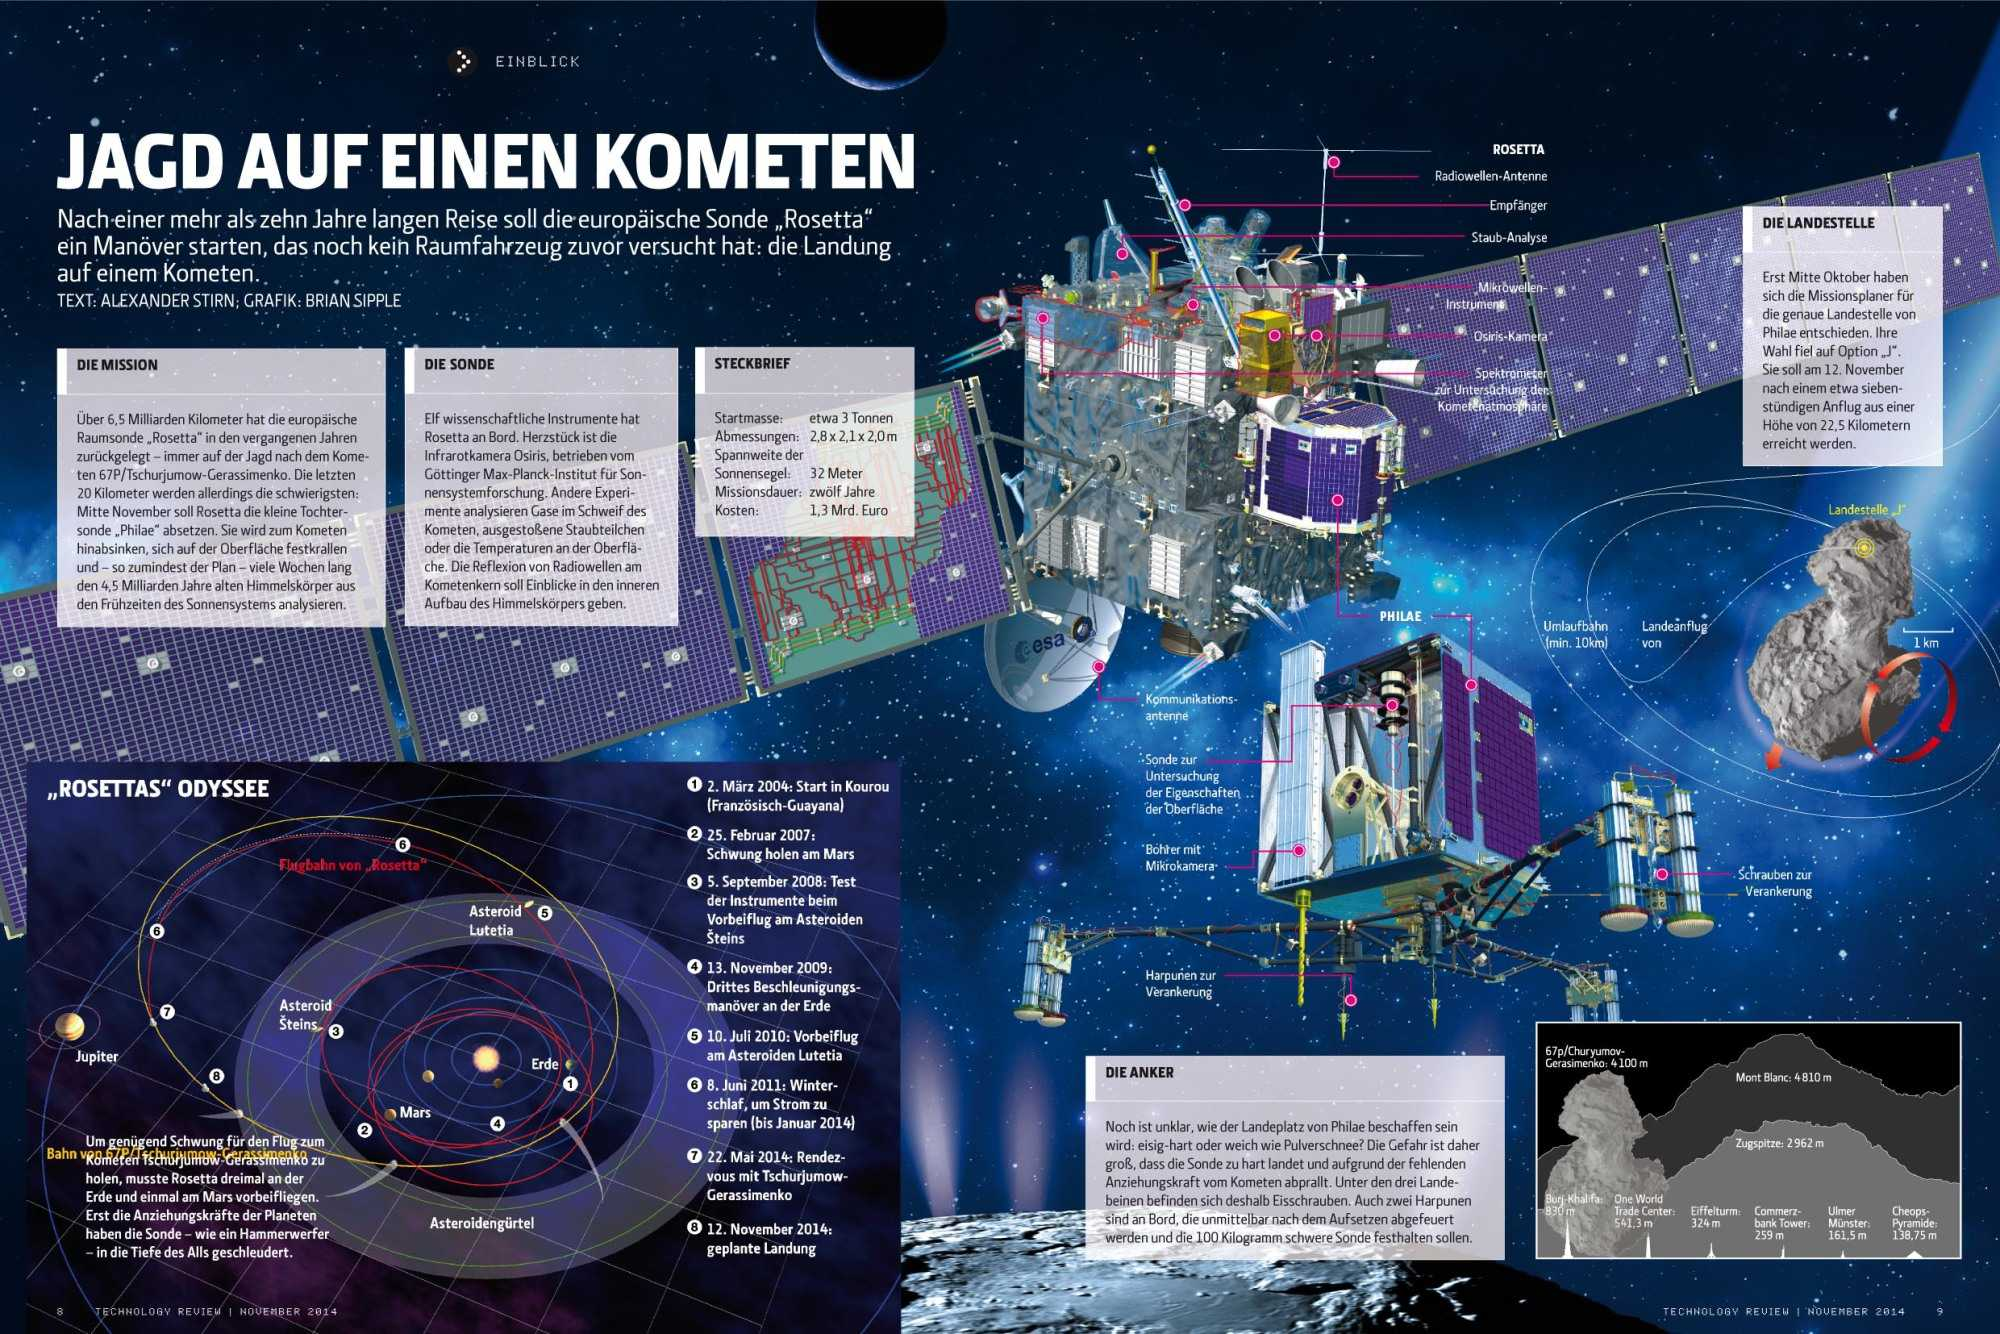 Wie man einen Kometen harpuniert: Eine Grafik von Technology Review, wie die Rosetta-MIssion funktioniert (mit Download-Möglichkeit für Grafik in Originalgröße)